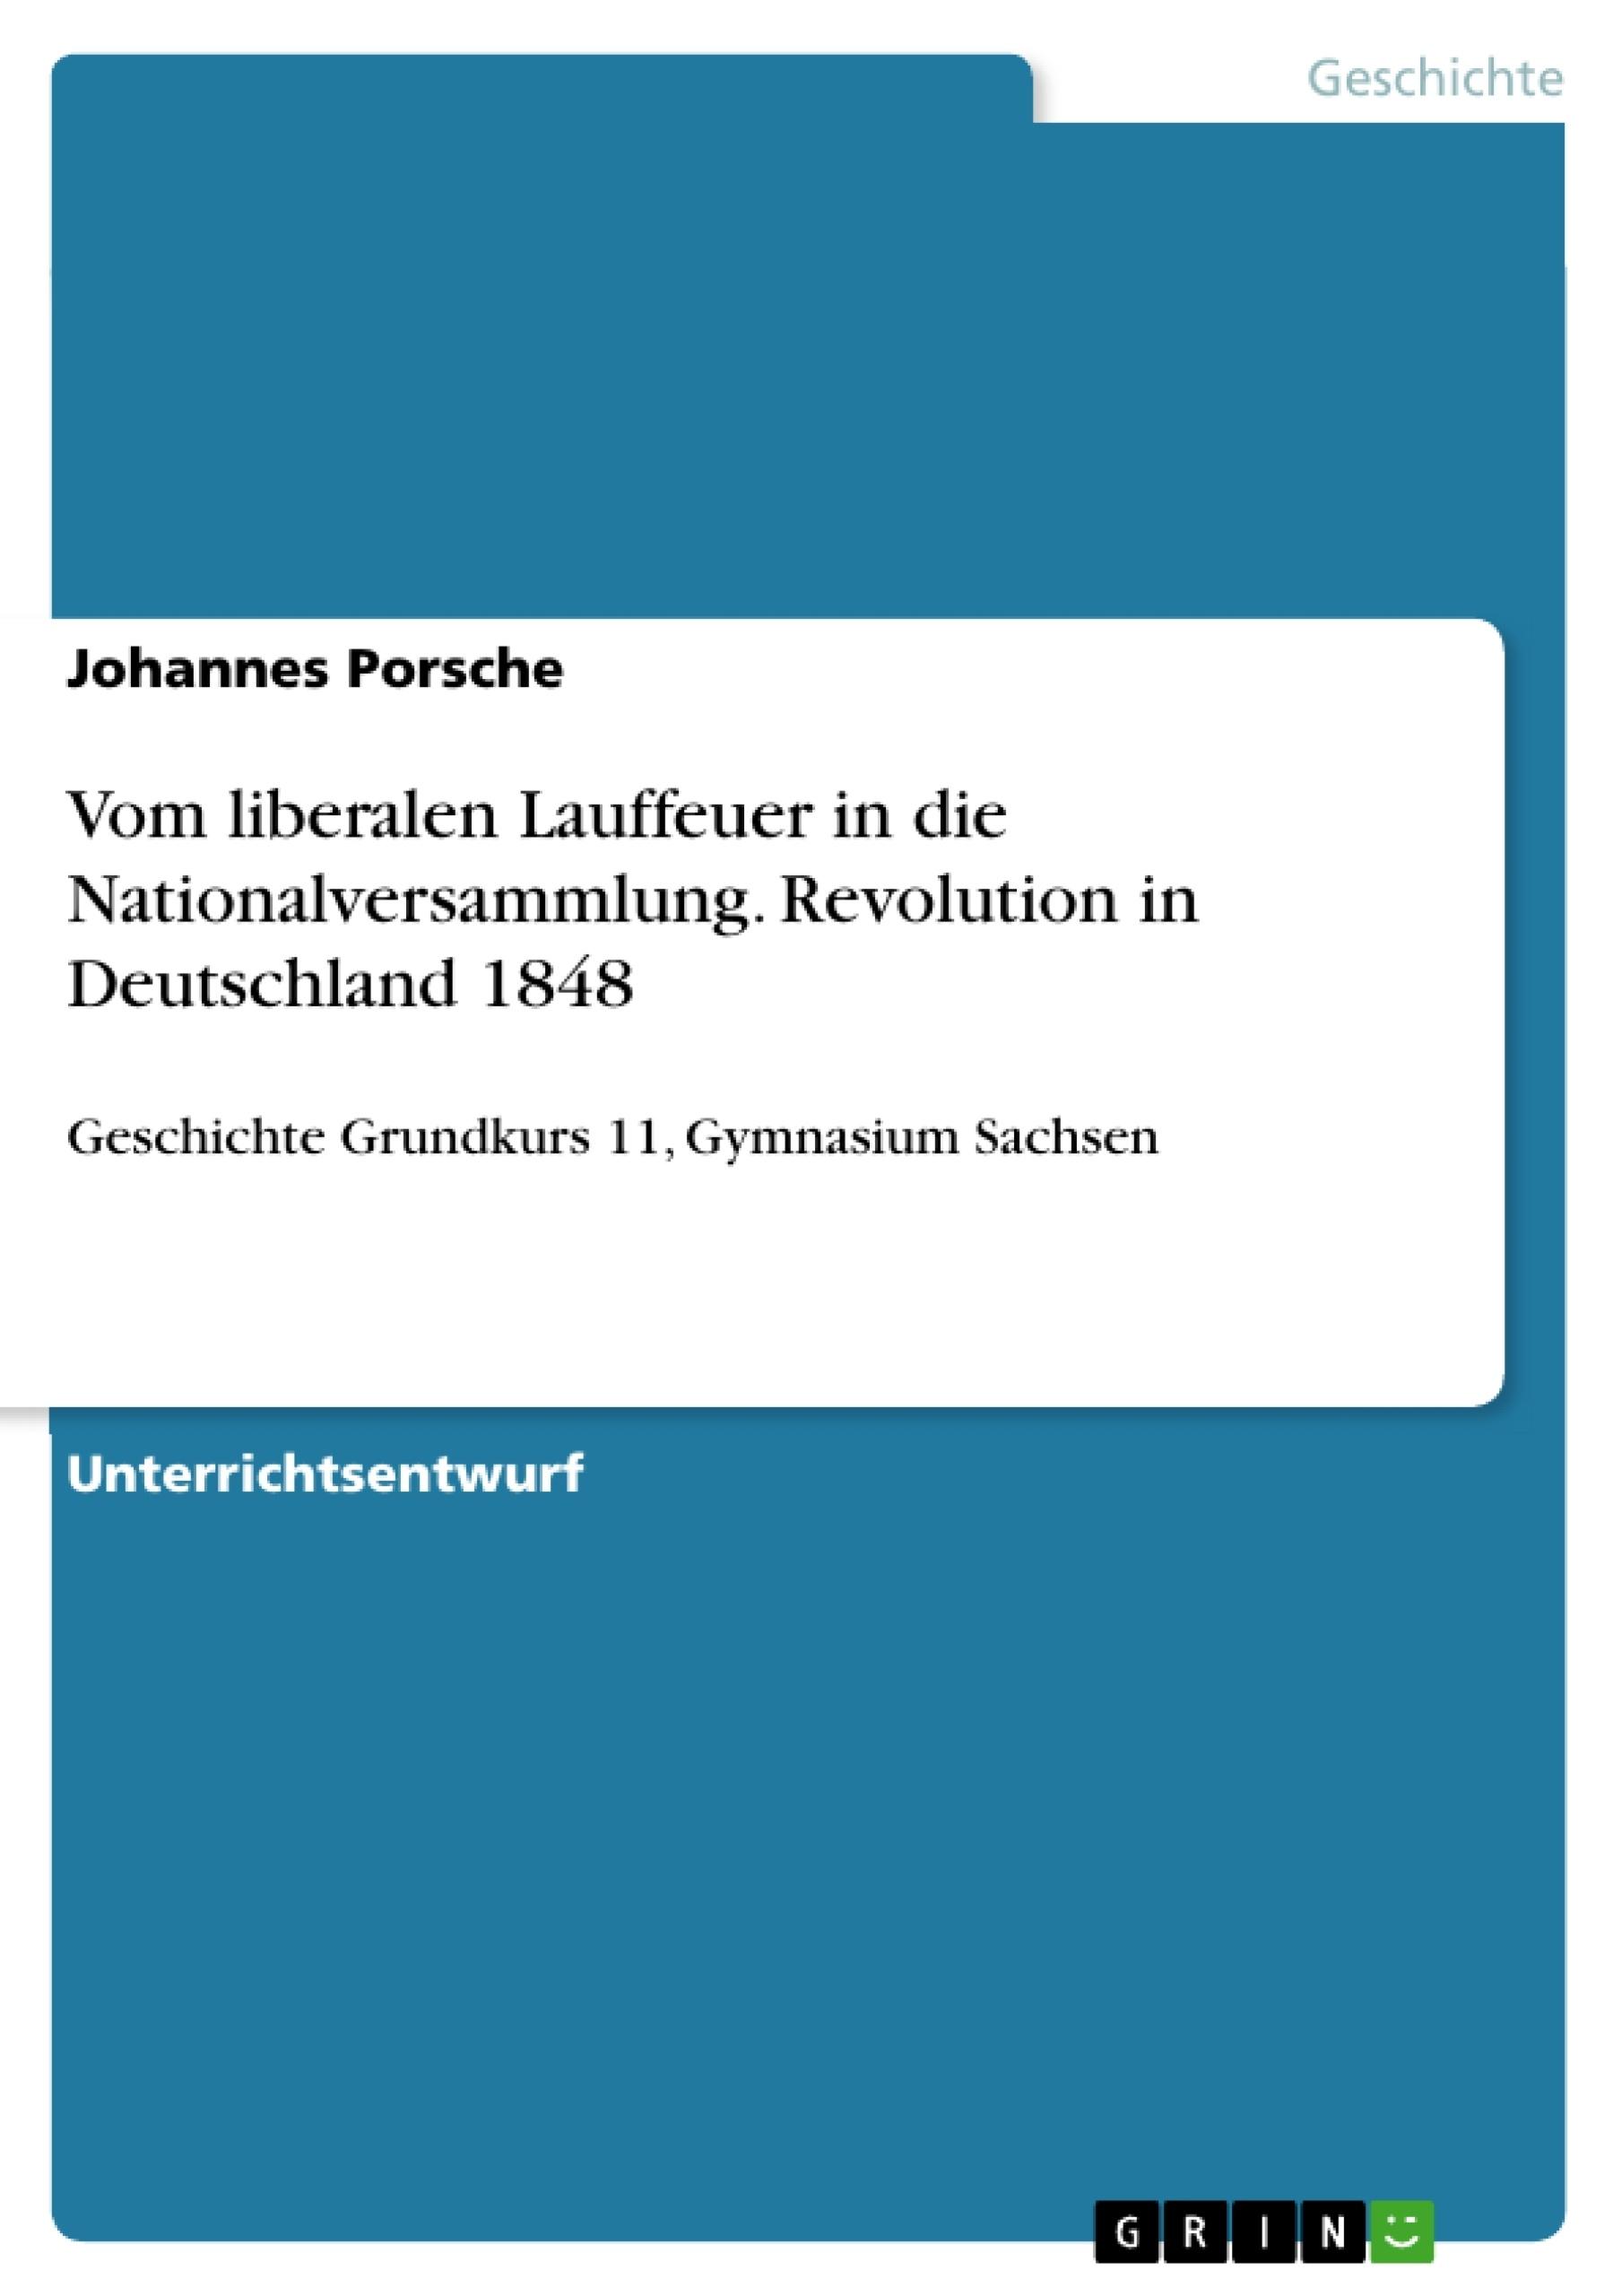 Titel: Vom liberalen Lauffeuer in die Nationalversammlung. Revolution in Deutschland 1848